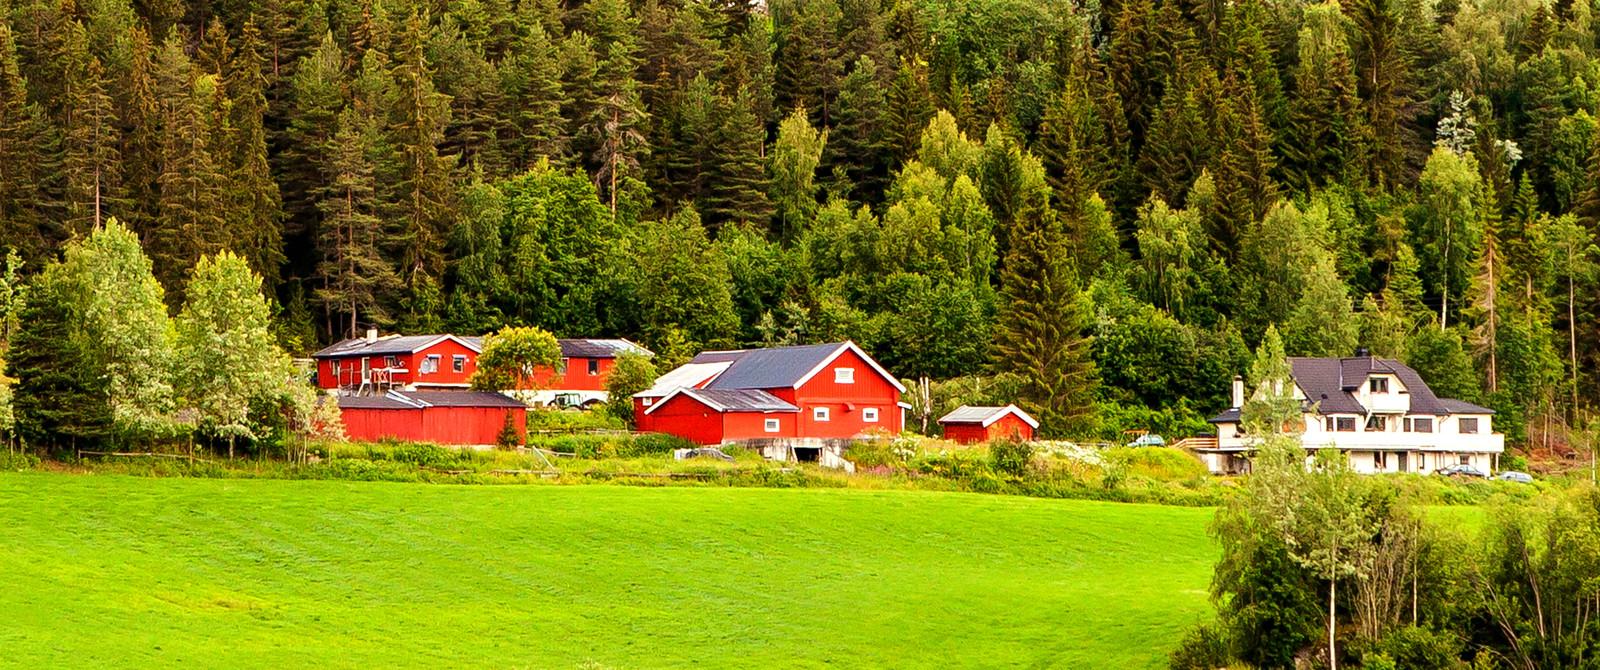 北歐旅途,漂亮的農室